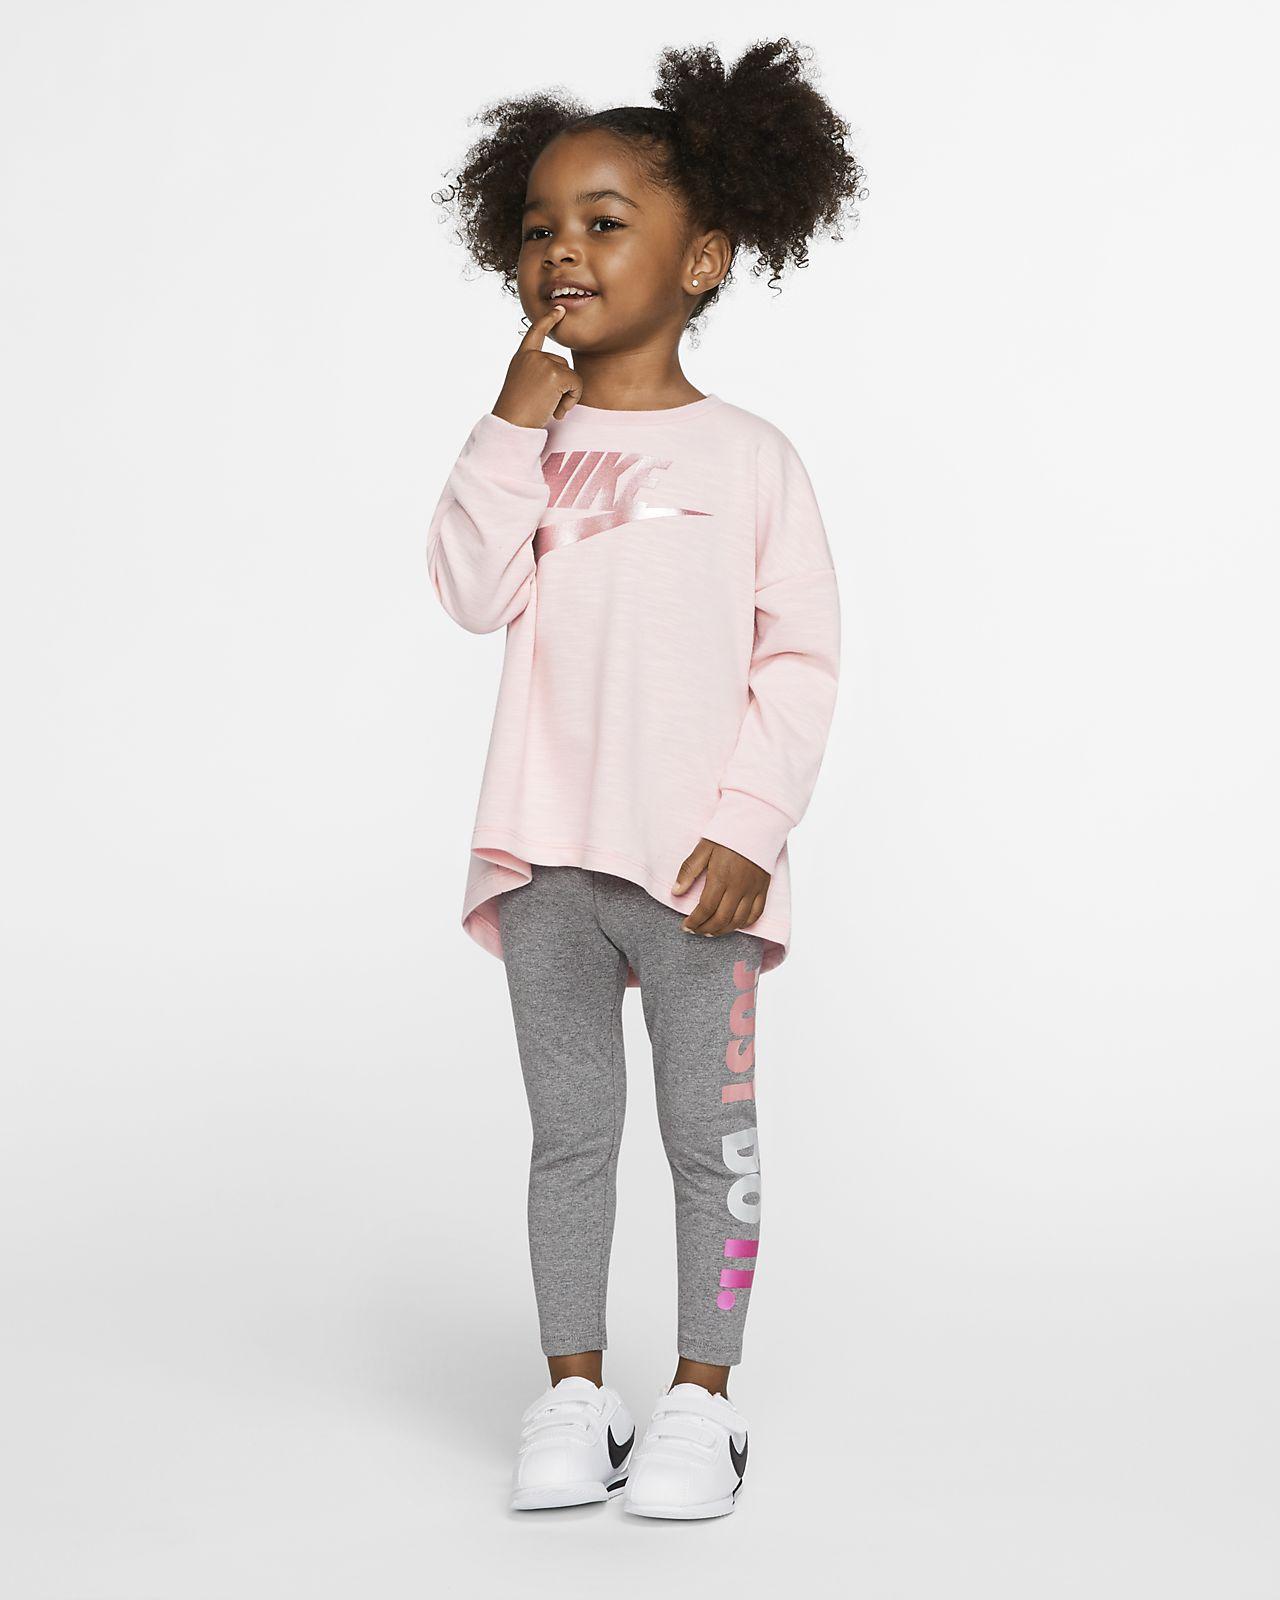 Nike Toddler Top & Leggings 2-Piece Set